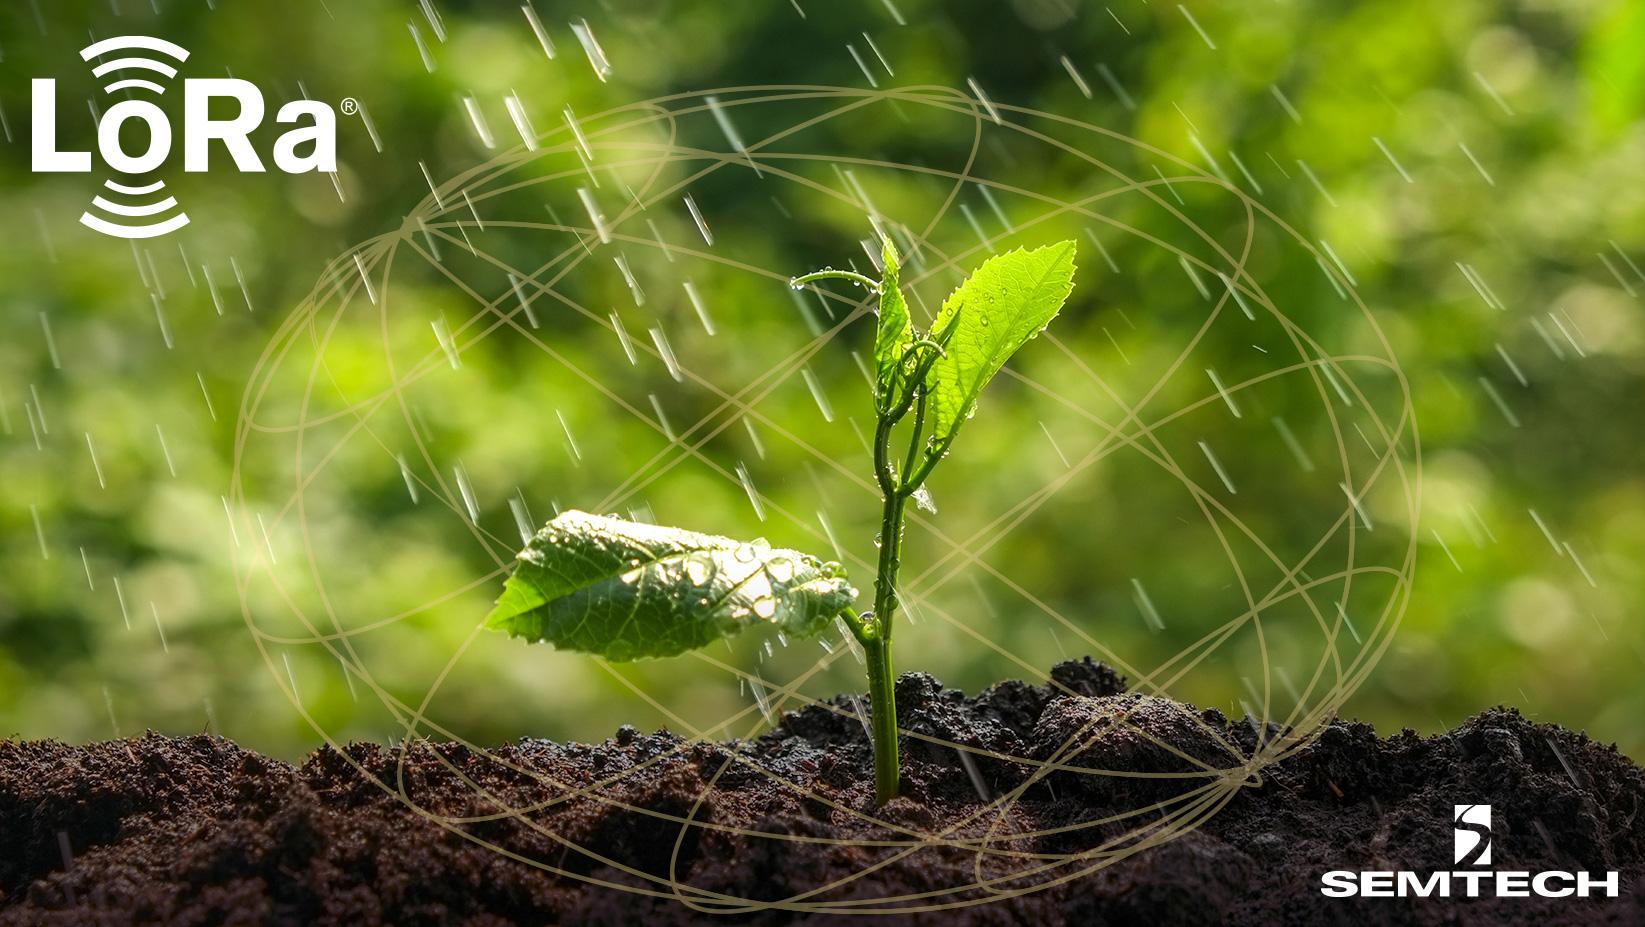 星纵智能借助LoRa无线技术将智慧农业转化为现实生产力